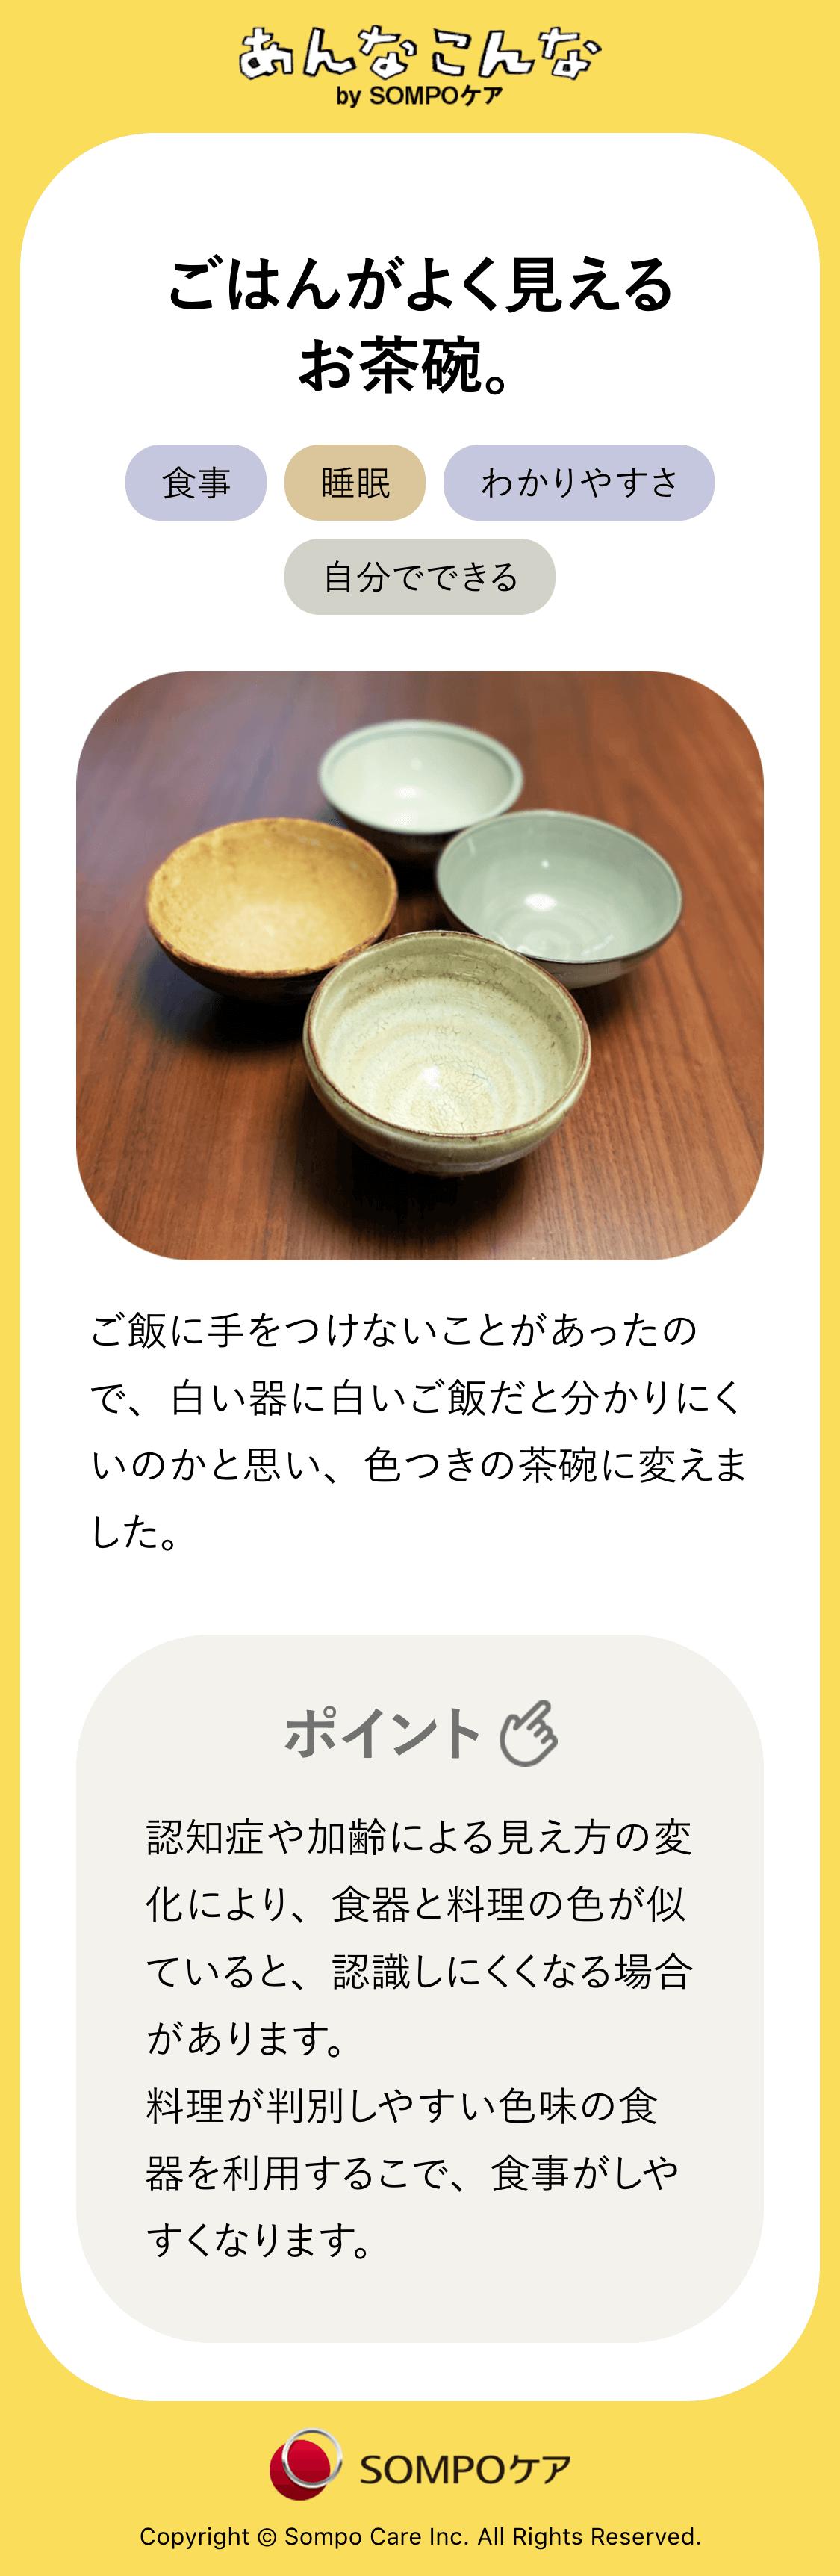 の お 位置 茶碗